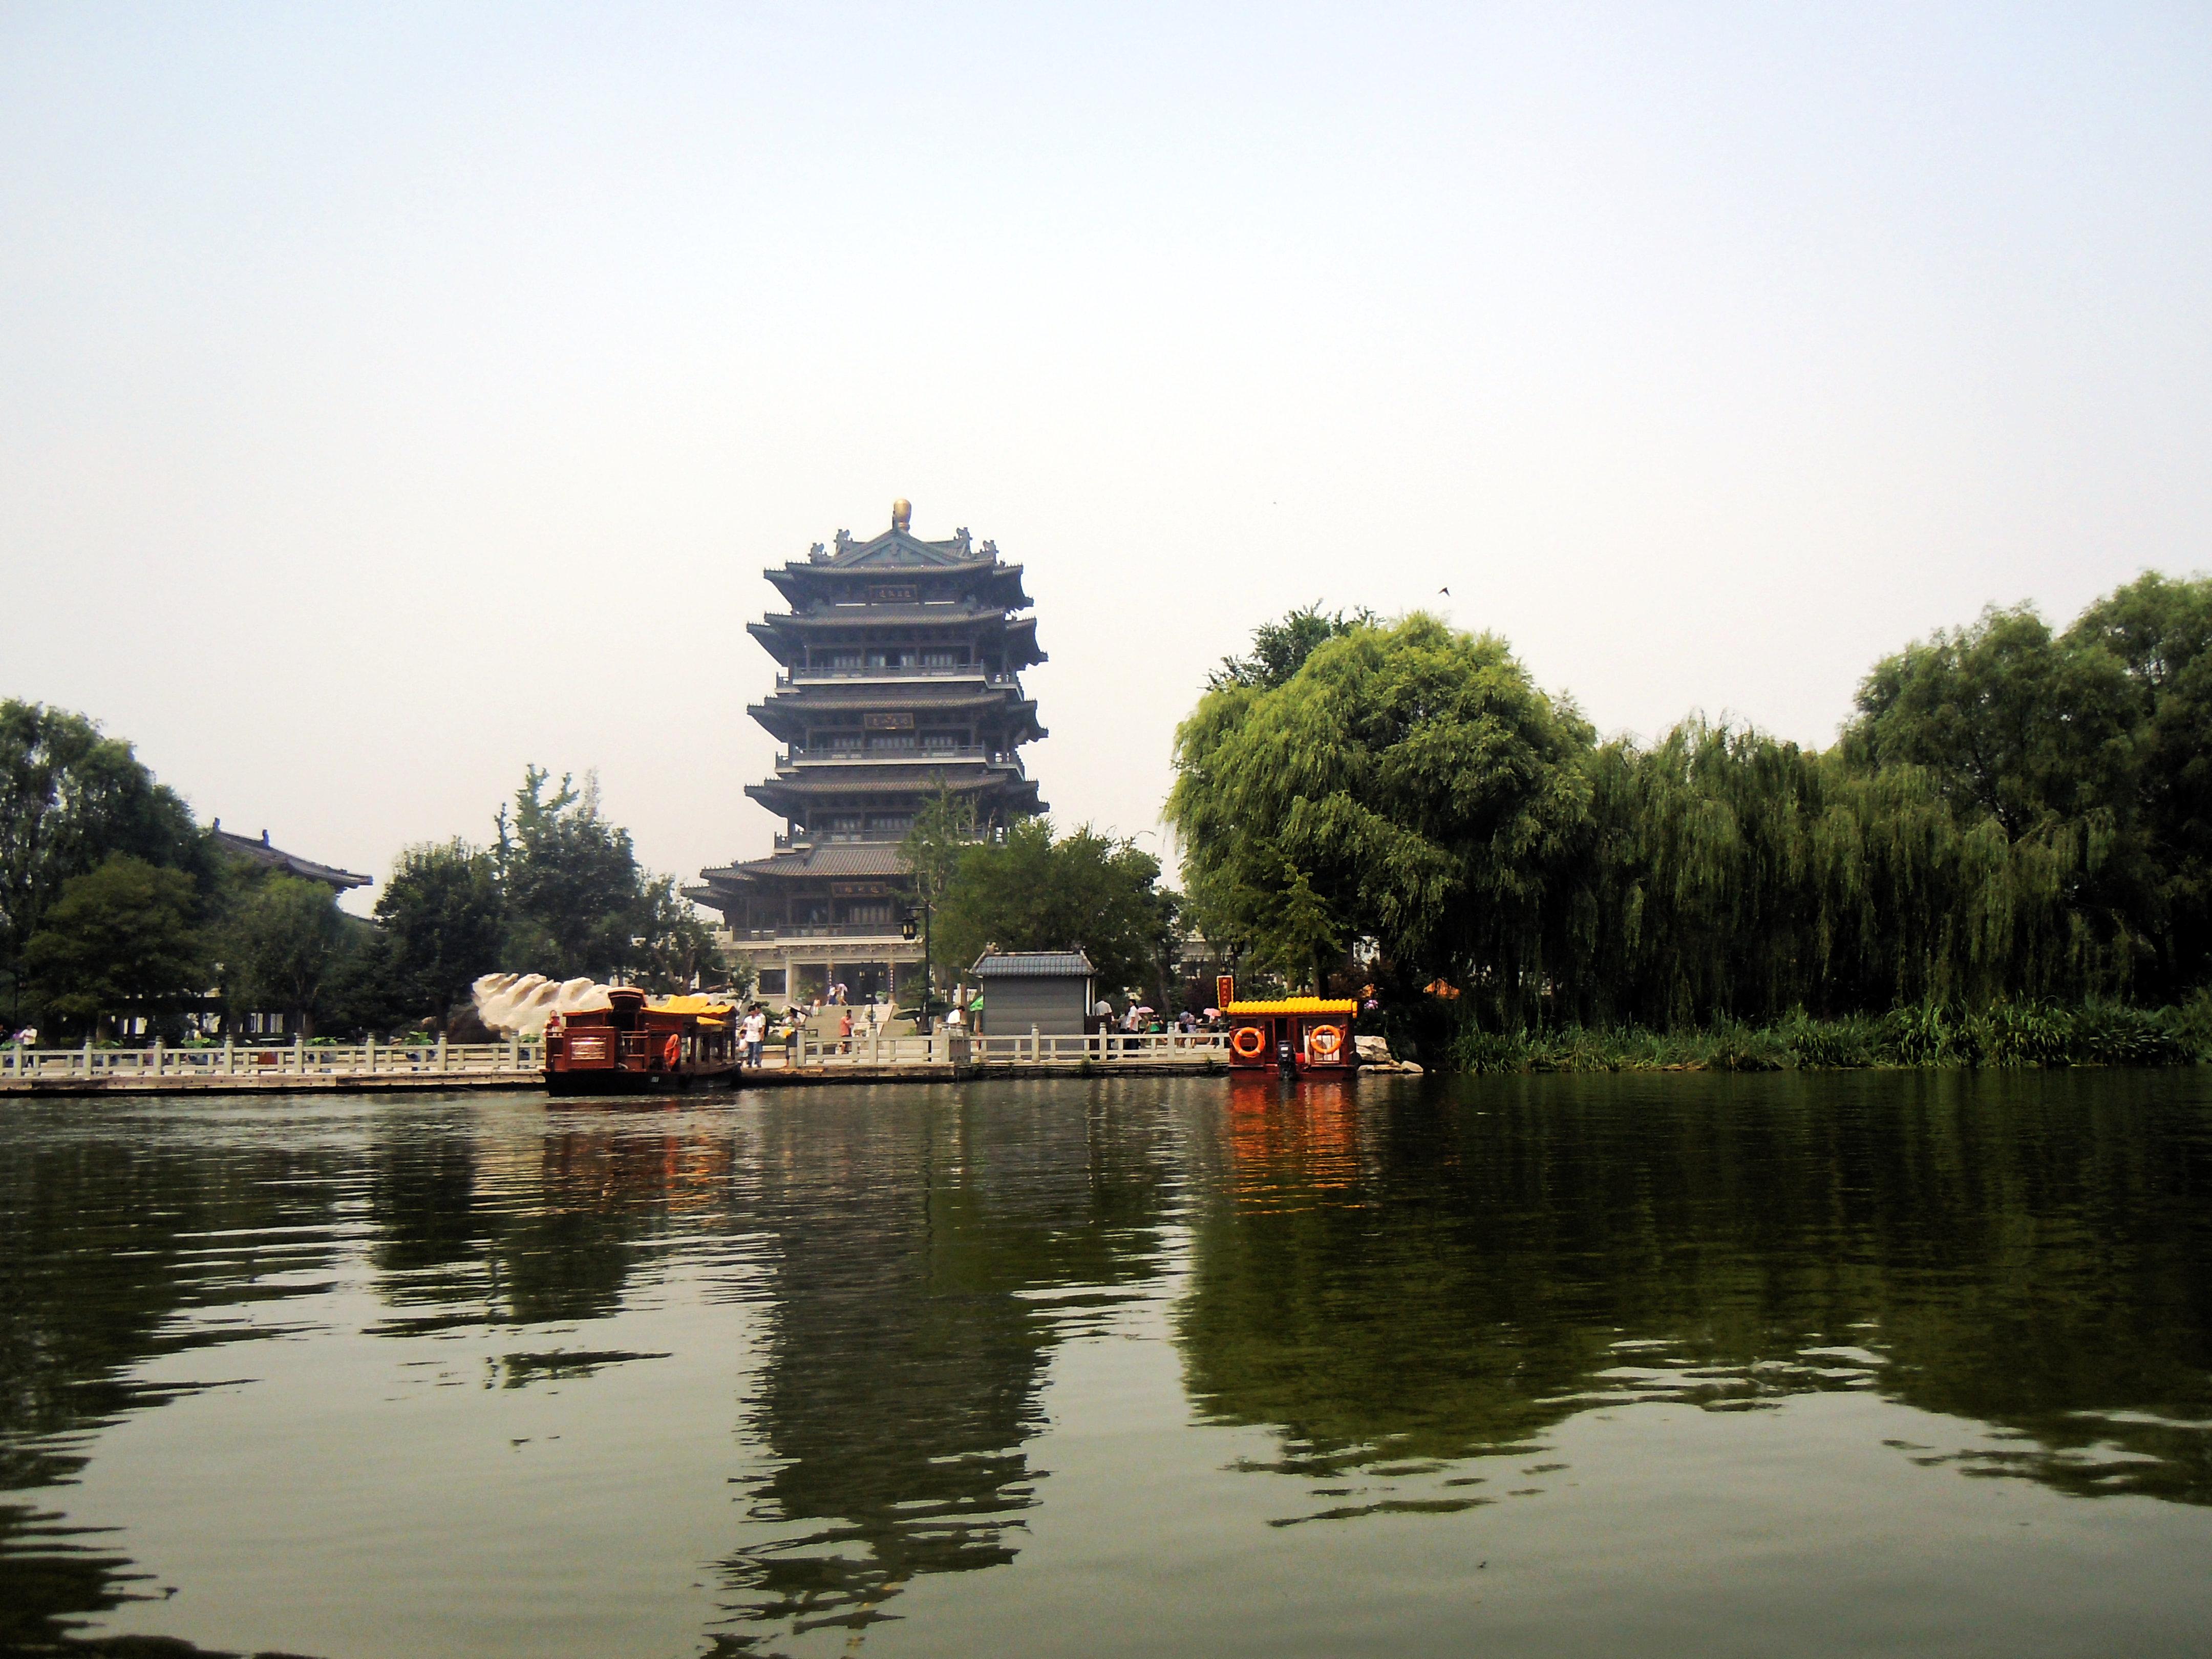 【携程攻略】山东济南大明湖景区好玩吗